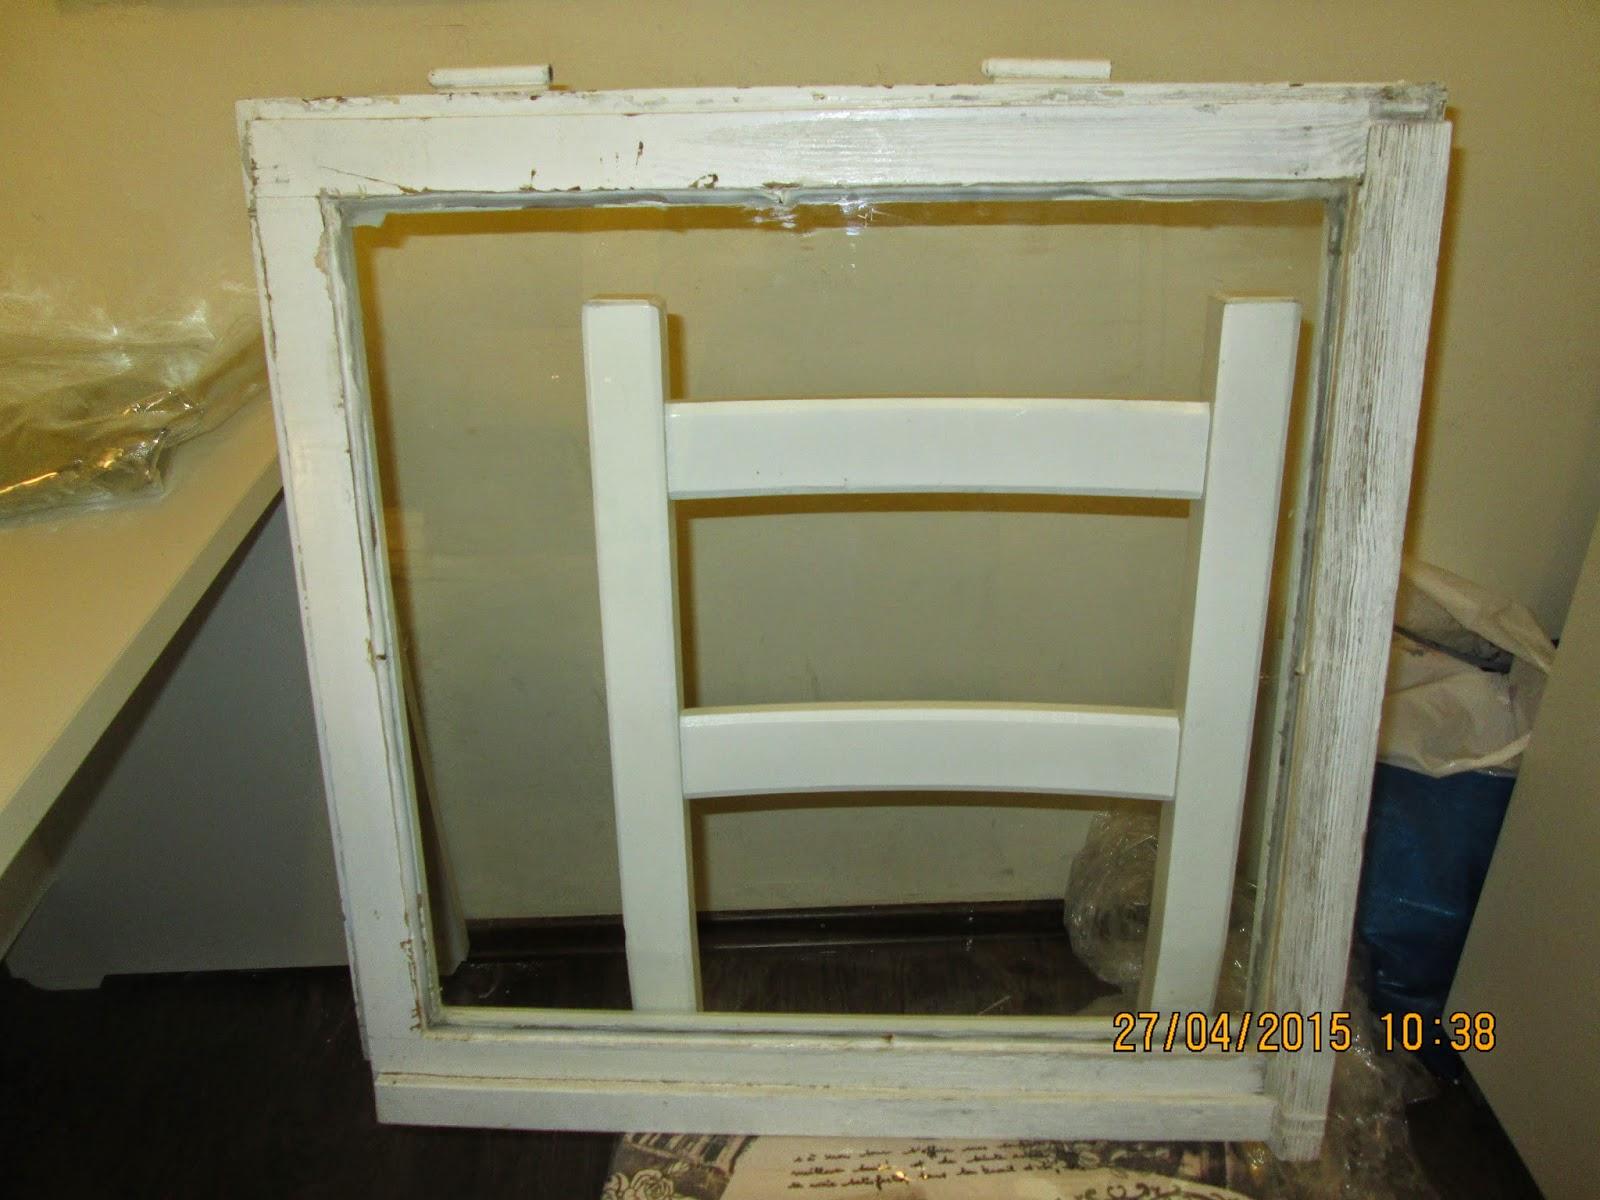 IMG 0002 - מה עושים עם חלון ישן?